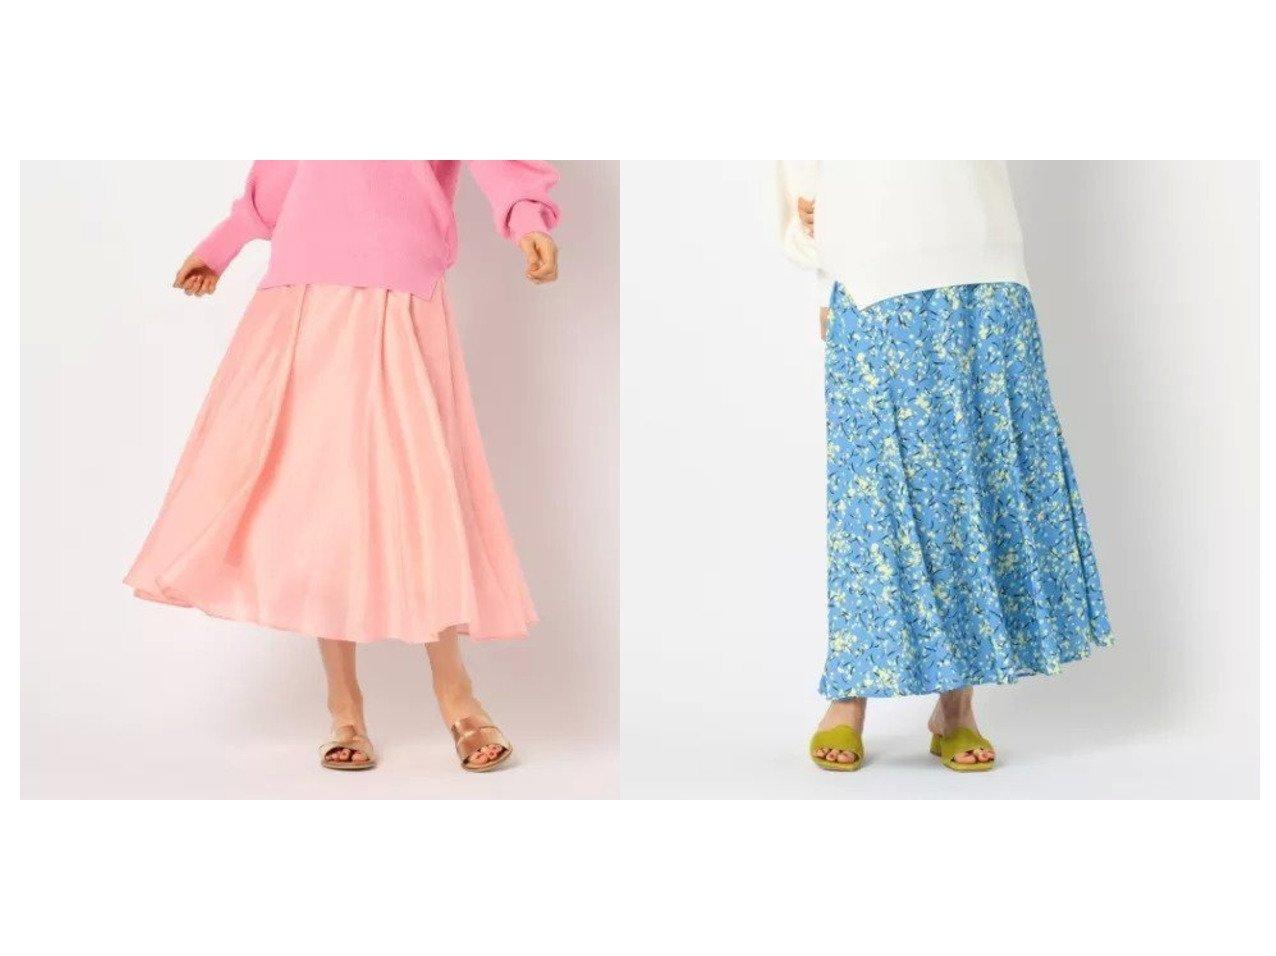 【NOLLEY'S/ノーリーズ】のシアースラブミディフレアスカート&小花柄スカート スカートのおすすめ!人気、トレンド・レディースファッションの通販  おすすめで人気の流行・トレンド、ファッションの通販商品 メンズファッション・キッズファッション・インテリア・家具・レディースファッション・服の通販 founy(ファニー) https://founy.com/ ファッション Fashion レディースファッション WOMEN スカート Skirt Aライン/フレアスカート Flared A-Line Skirts シアー フレア リネン 春 マキシ ロング |ID:crp329100000009736